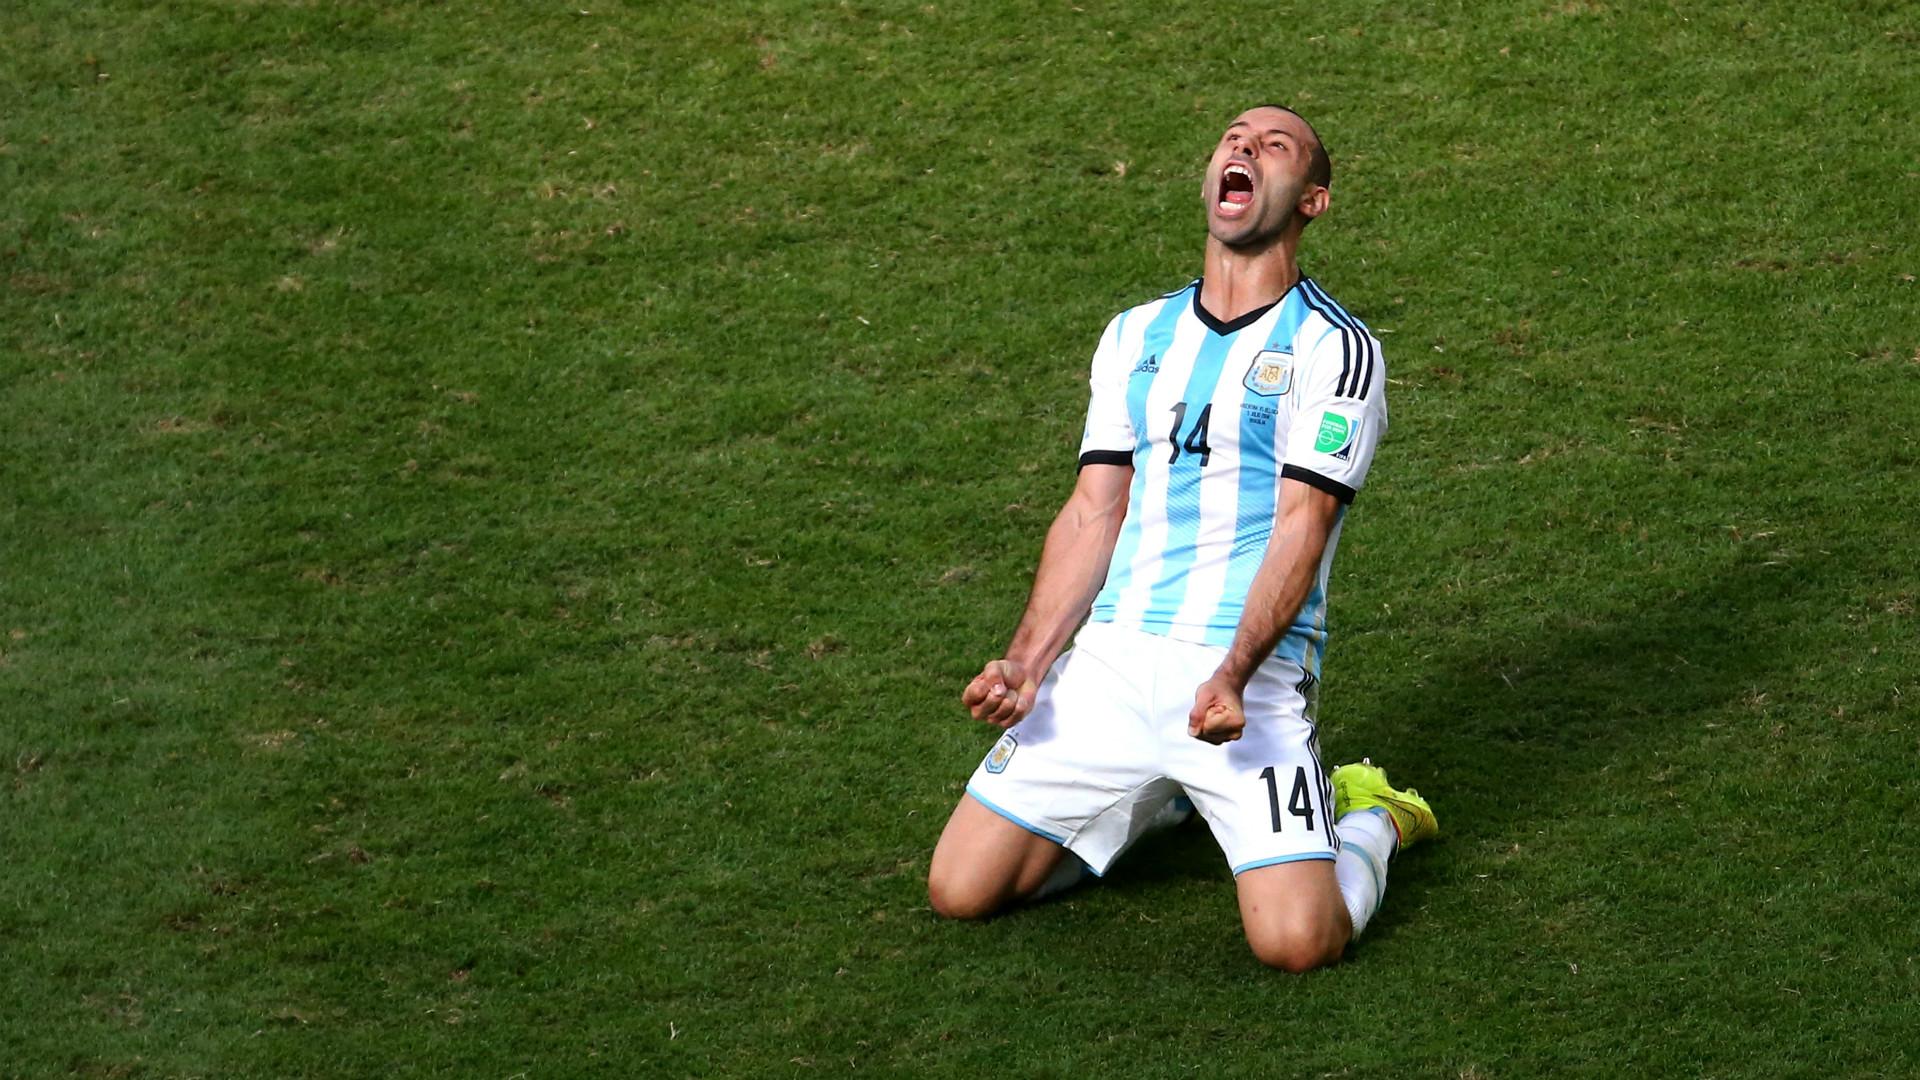 Selección argentina: Messi reapareció en el equipo titular y jugaría ante España